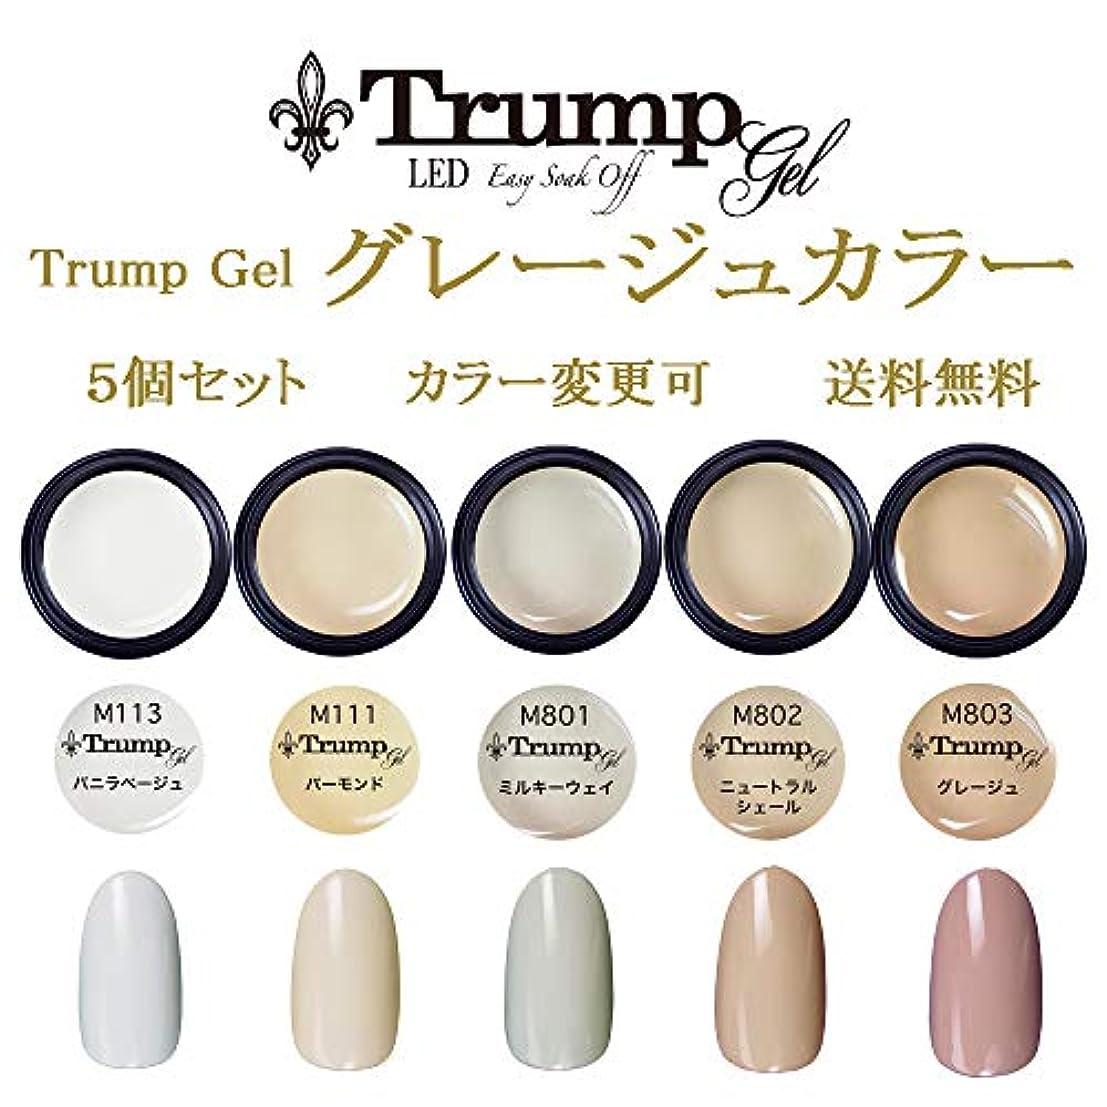 エンティティ弱まる寝具日本製 Trump gel トランプジェル グレージュカラー 選べる カラージェル 5個セット ホワイト ベージュ ピンク スモーク